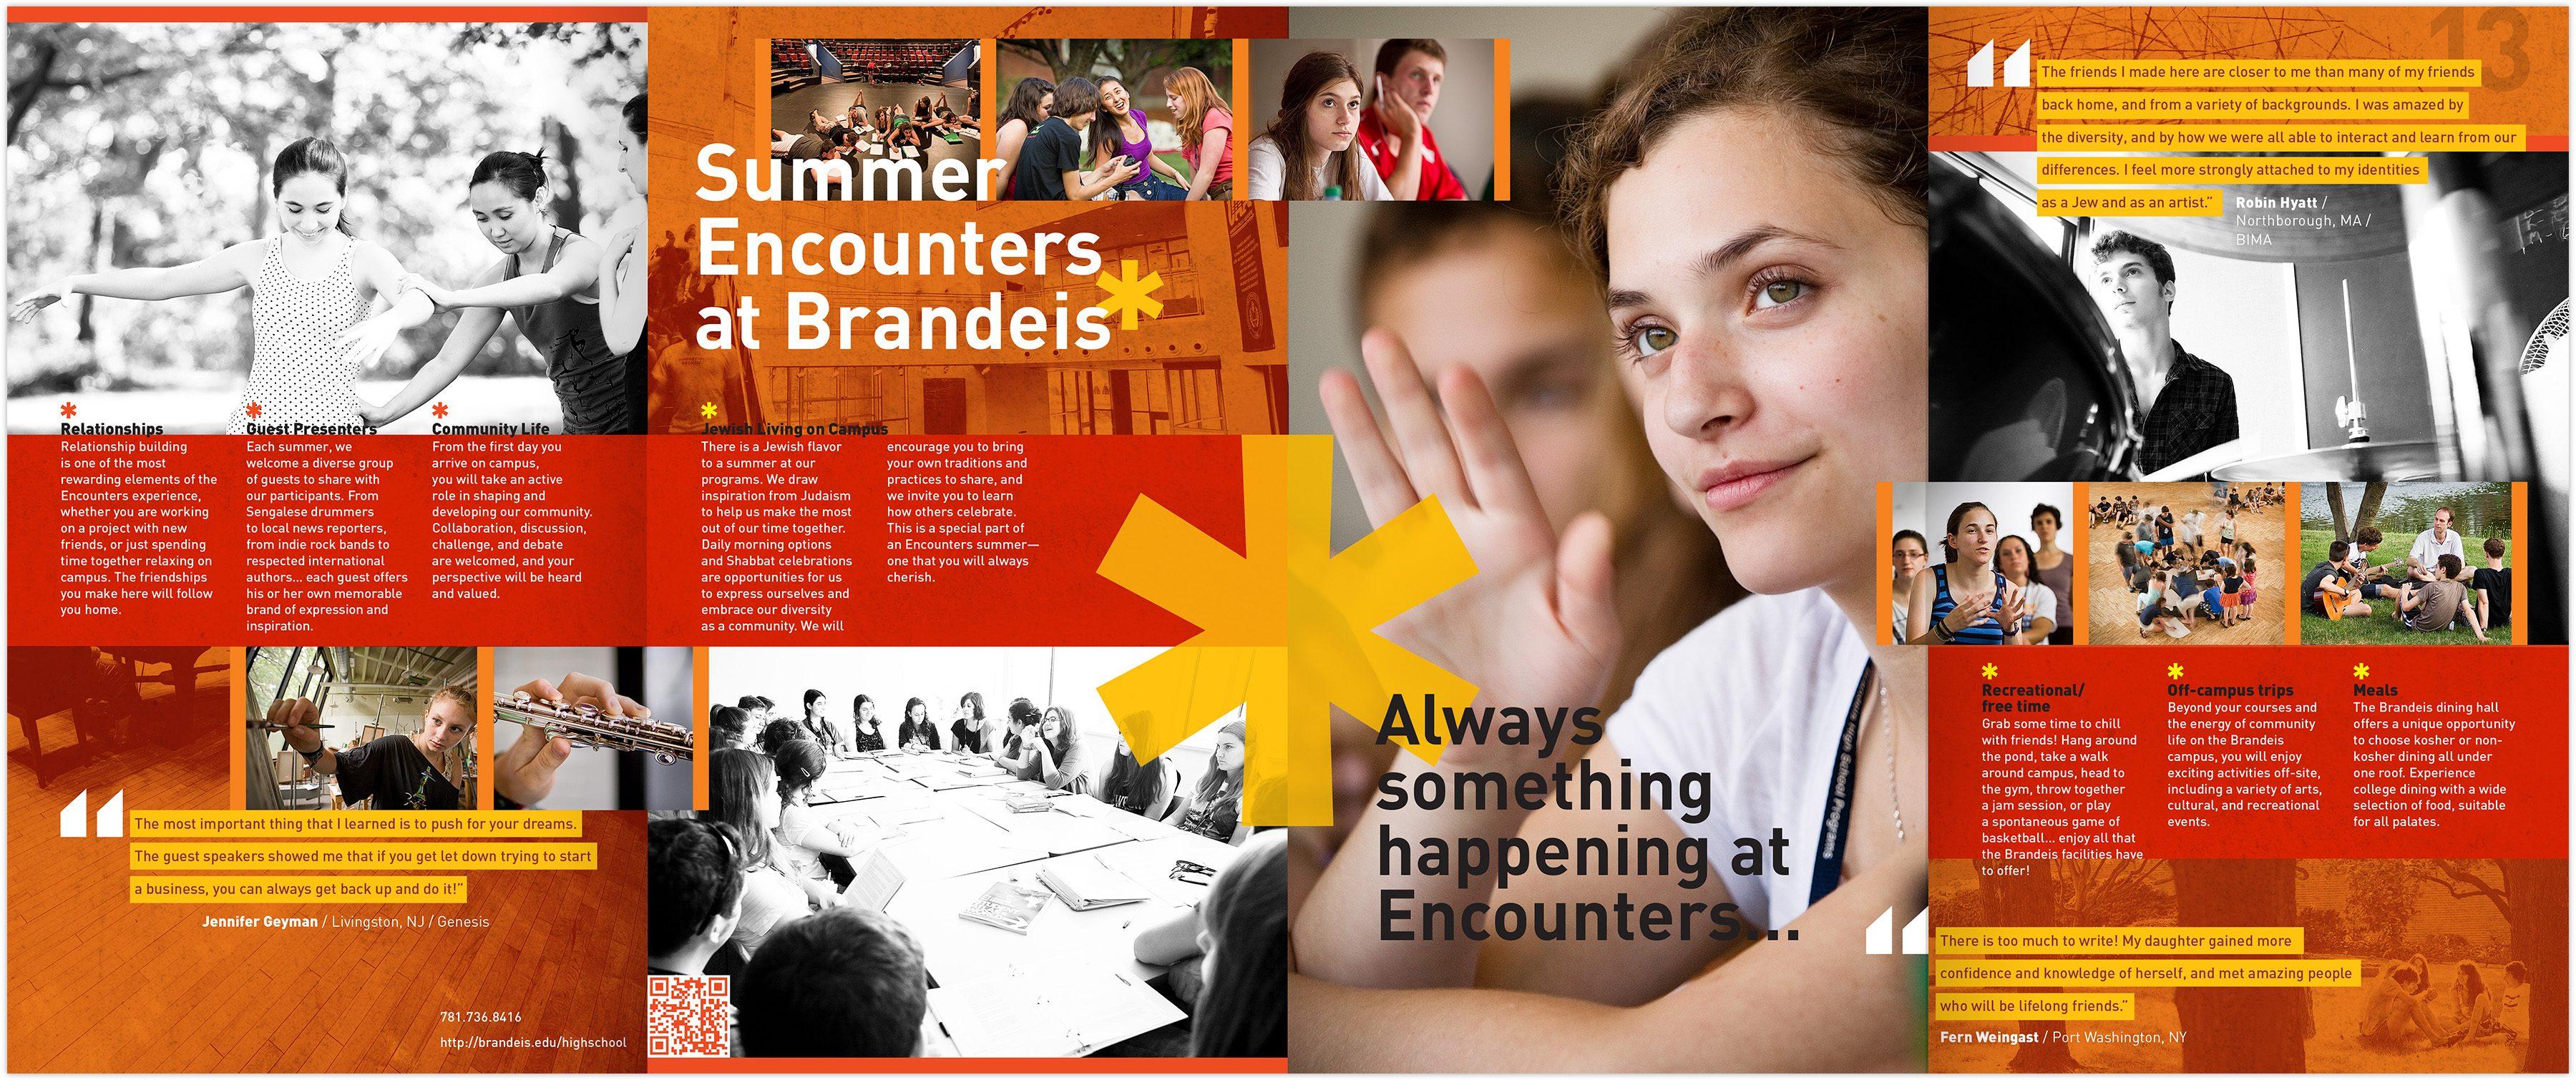 Brandeis High School Program Viewbook interior spread: Always something happening at Encounters...